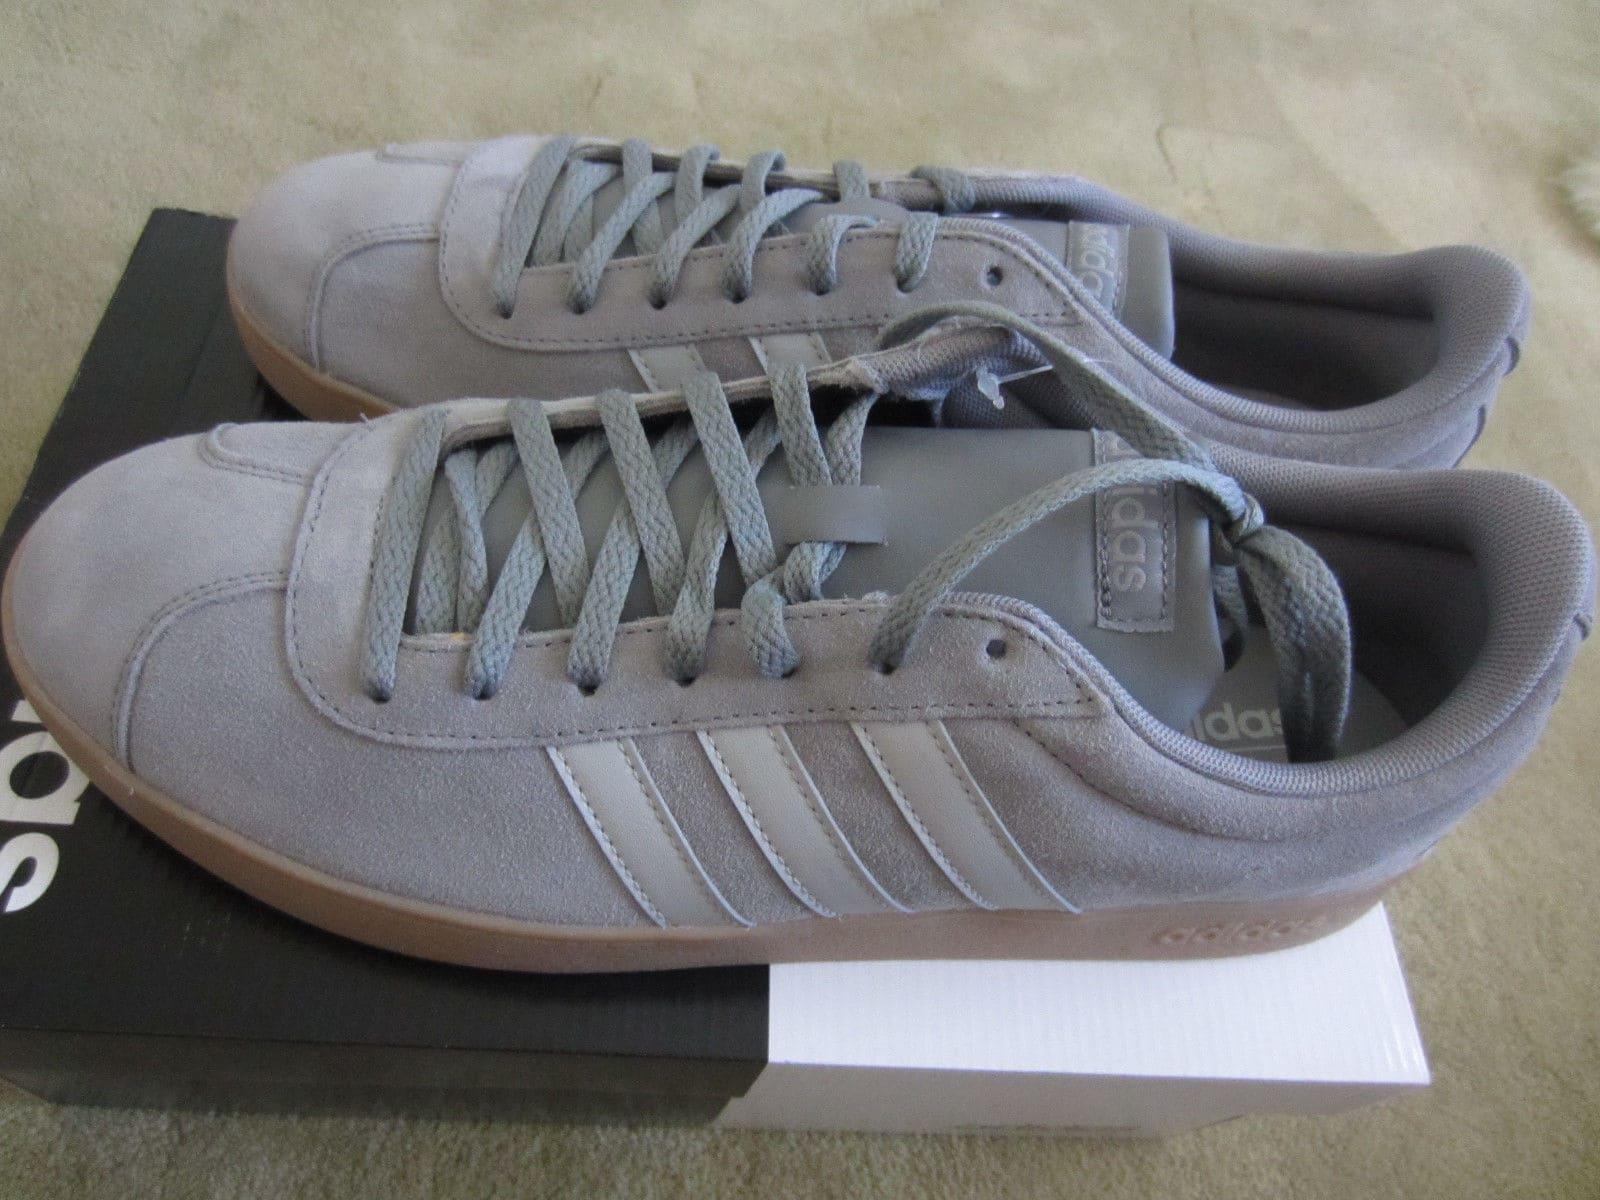 รองเท้า Adidas Neo Vl Court 2.0 มีแบบหายากเยอะ ! ผู้ชาย ผู้หญิง มีทุกแบบ